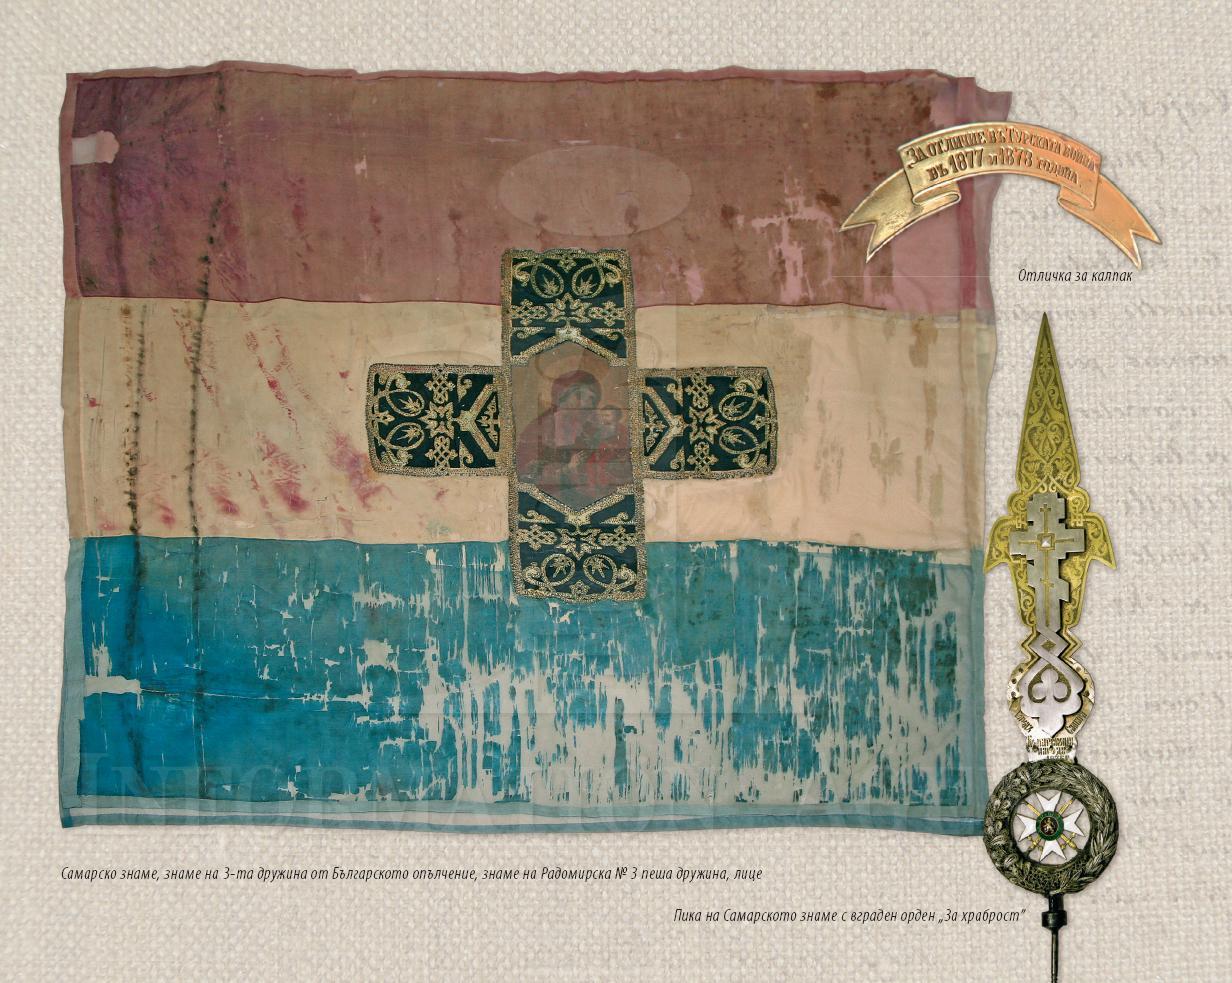 Самарско знаме, знаме на 3-та дружина от Българското опълчение, знаме на Радомирска № 3 пеша дружина